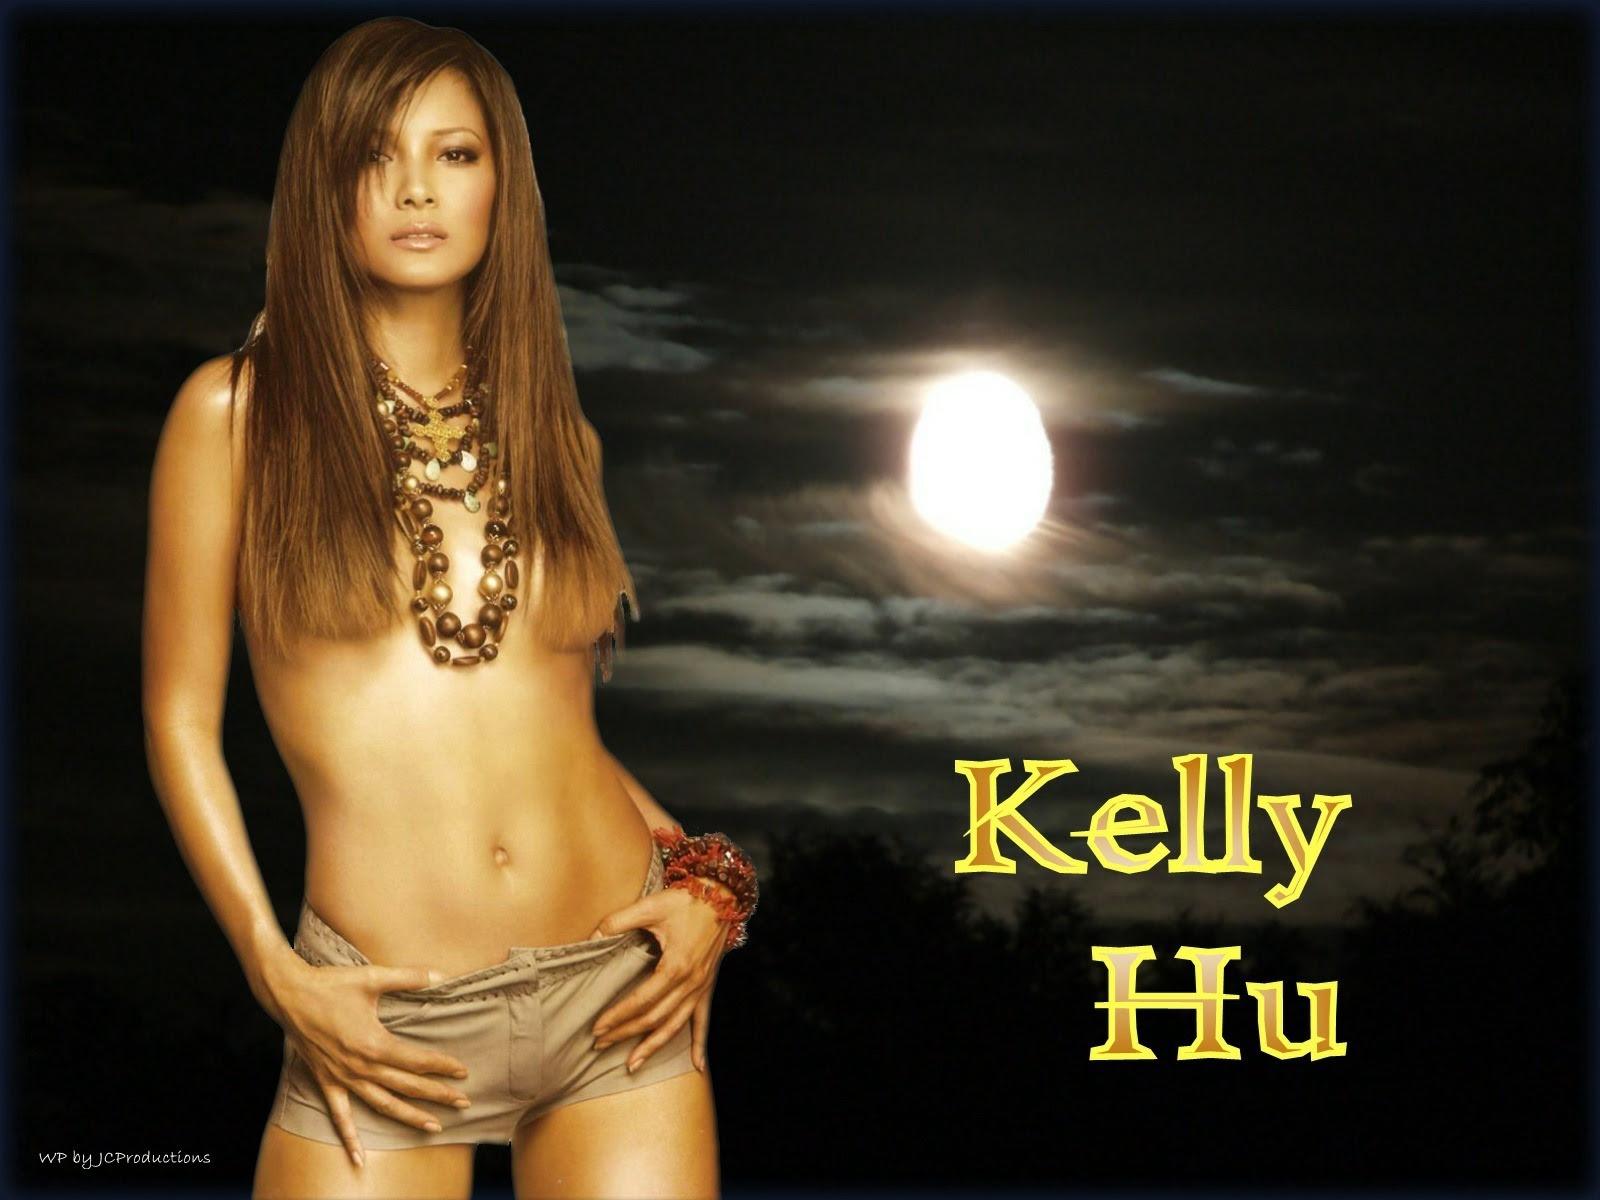 Kelly Hu Kelly Hu Wallpaper 19243612 Fanpop